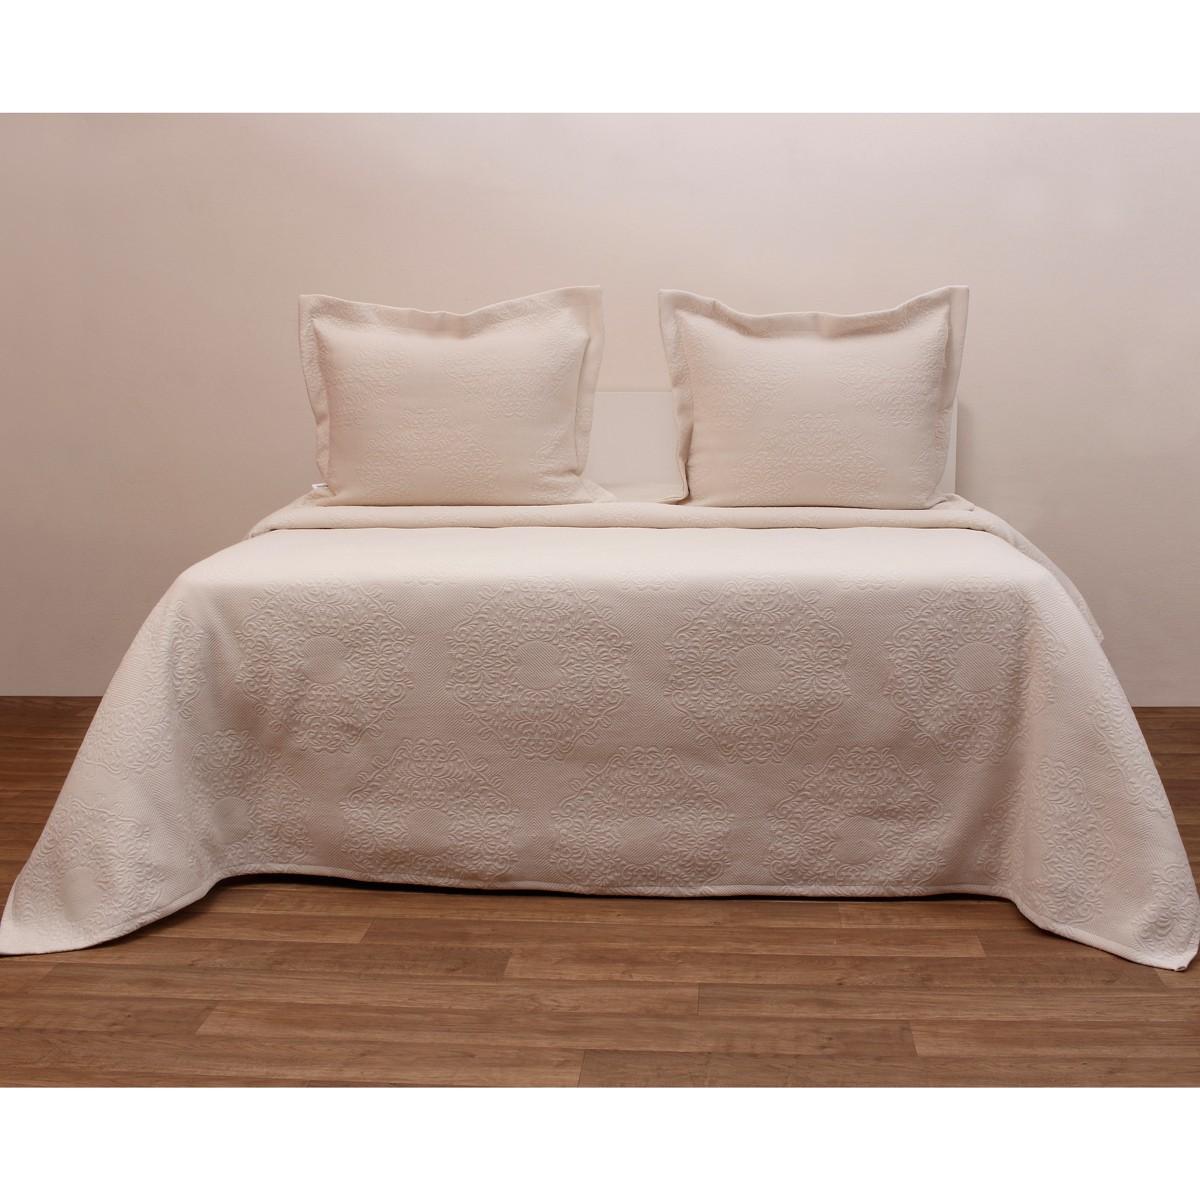 Κουβερτόριο Μονό Anna Riska Megan Ivory home   κρεβατοκάμαρα   κουβέρτες   κουβέρτες καλοκαιρινές μονές